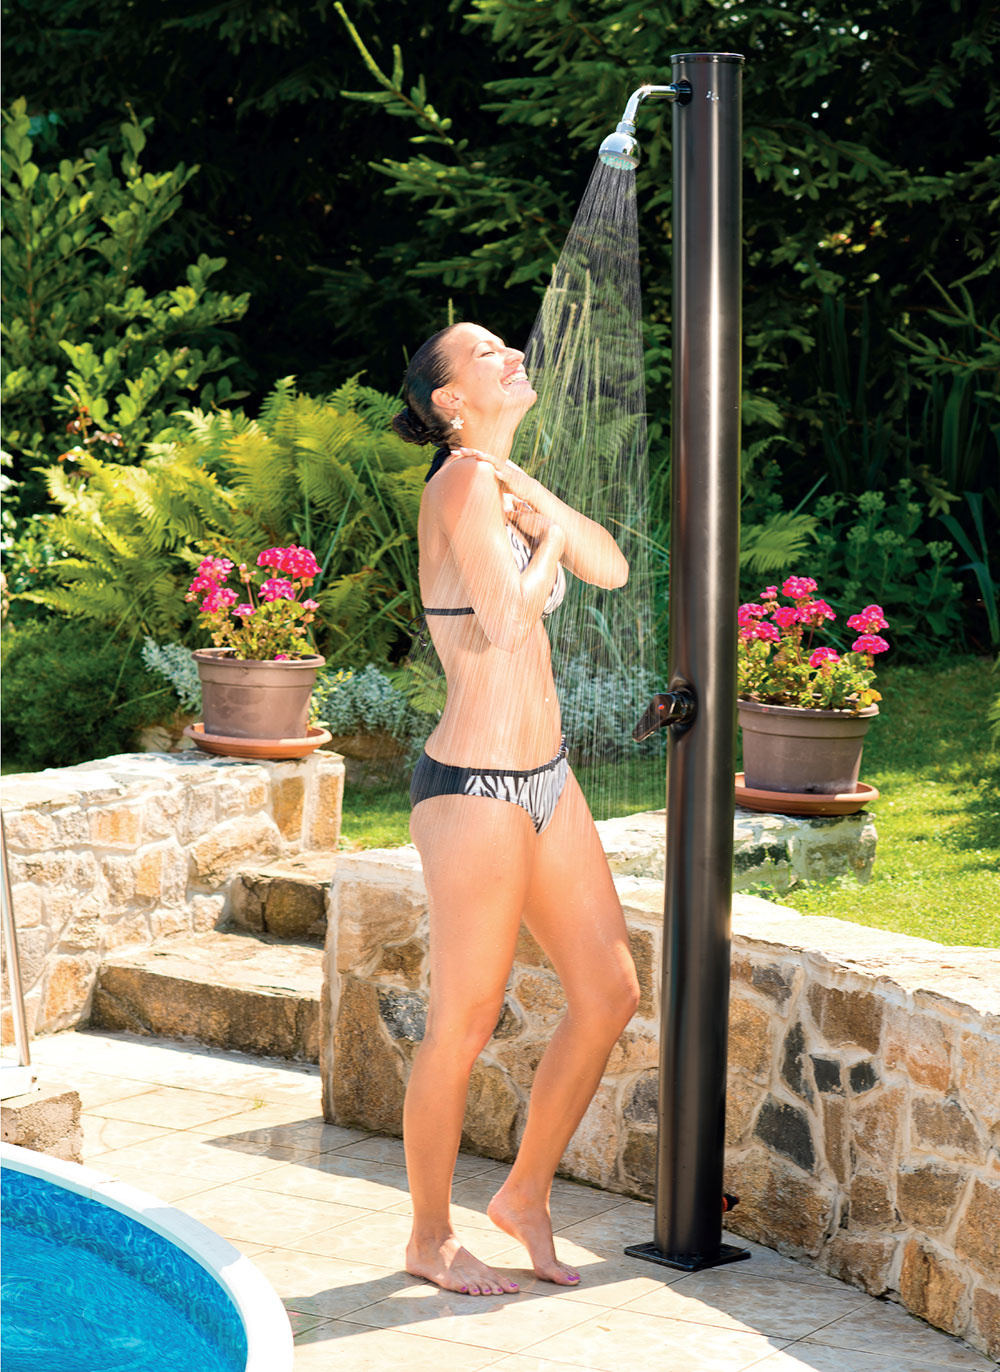 Solárnu sprchu Easy môžete využiť napríklad ako zdroj teplej vody pre osvieženie na záhrade alebo na osprchovanie pred vstupom do bazéna a po kúpaní.